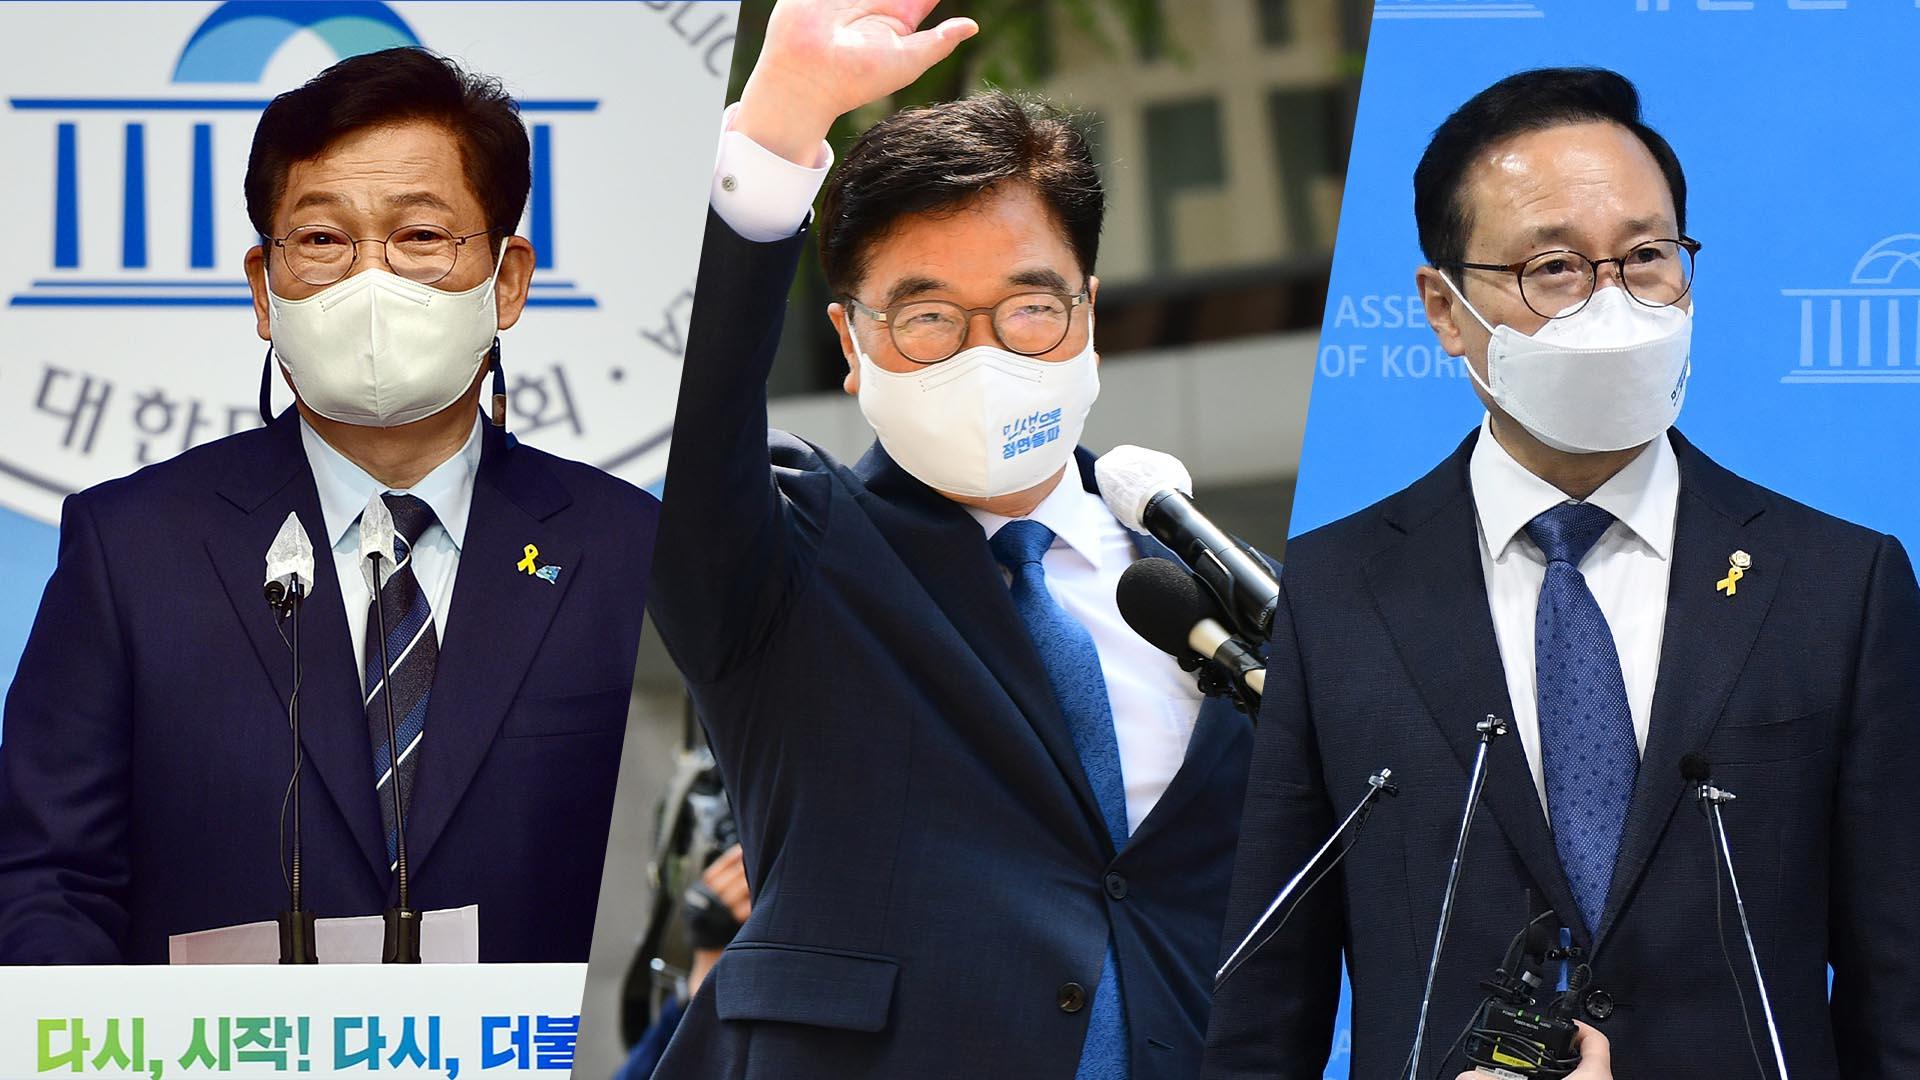 '윤호중 선출'…與 당권 레이스에 변수될까?